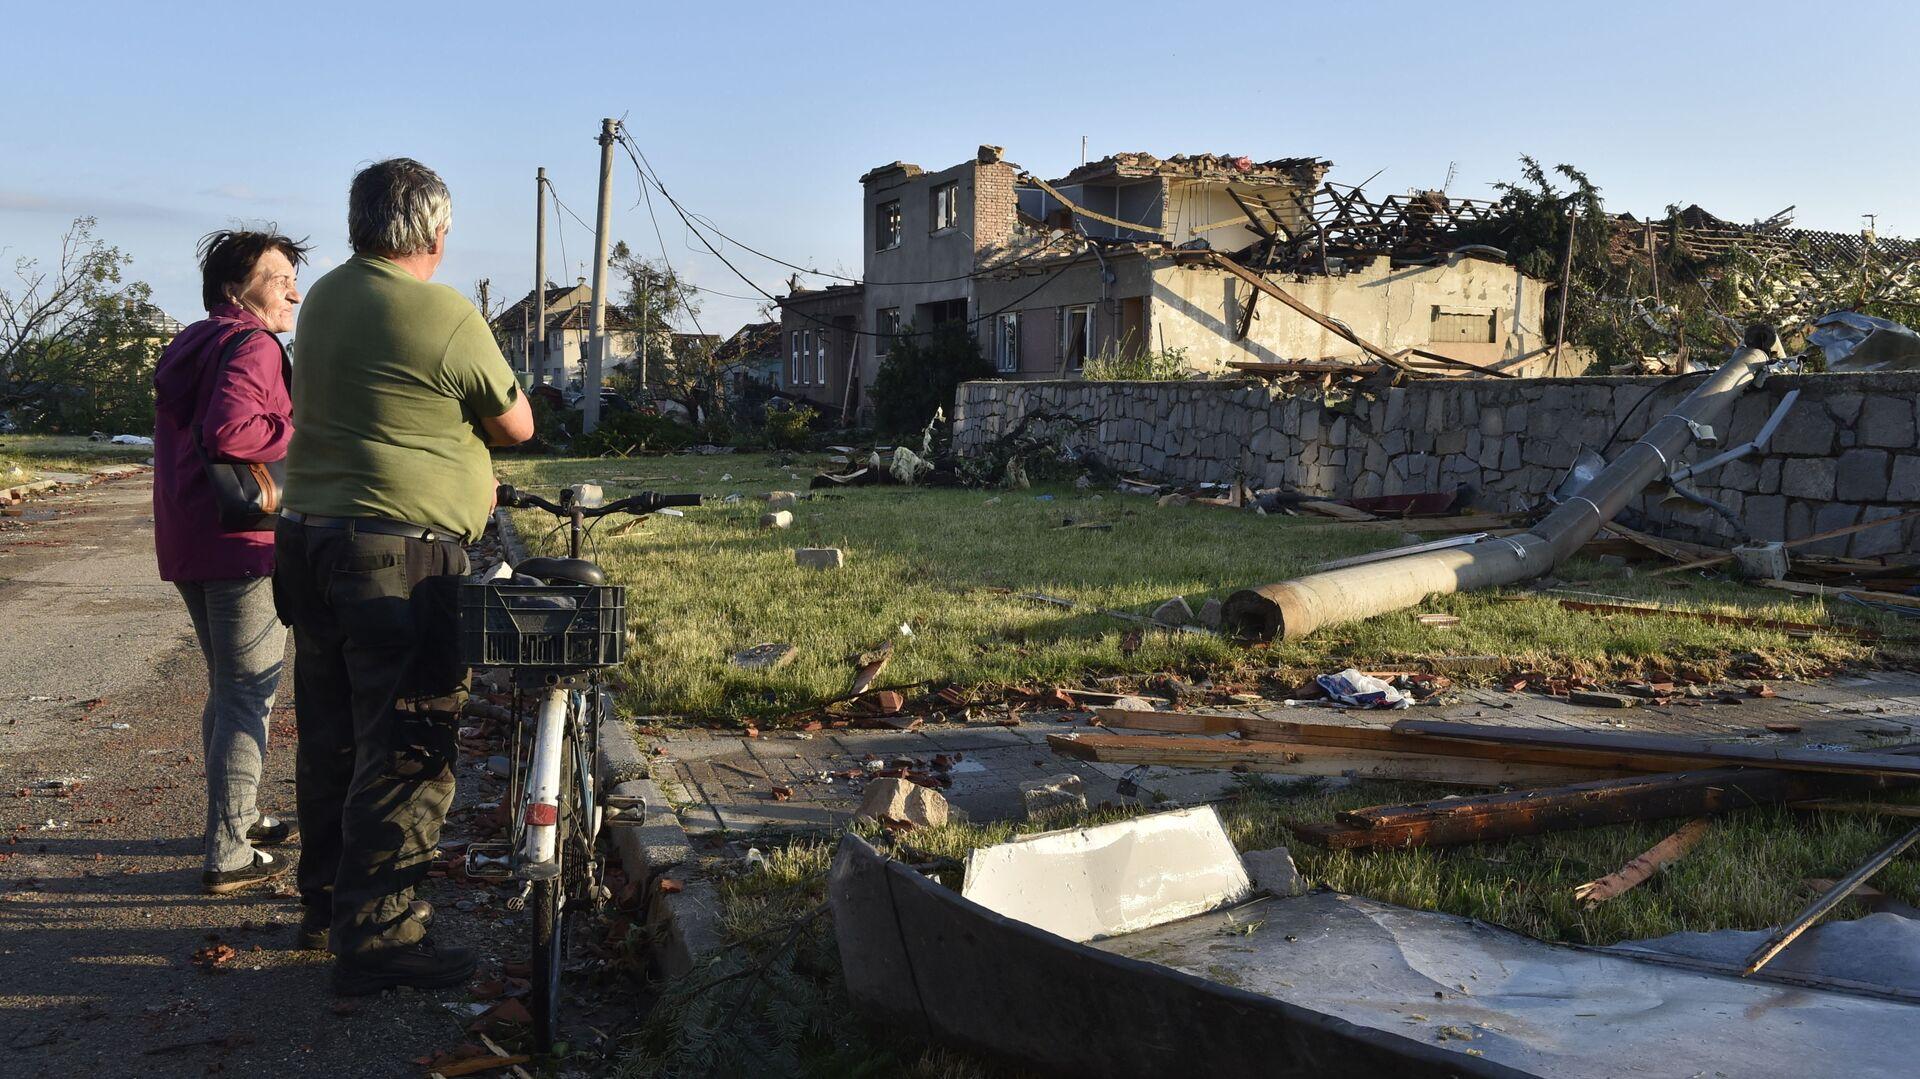 Místní obyvatelé sledují poškozené domy poté, co tornádo zasáhlo vesnici Moravská Nová Ves na jižní Moravě - Sputnik Česká republika, 1920, 02.07.2021